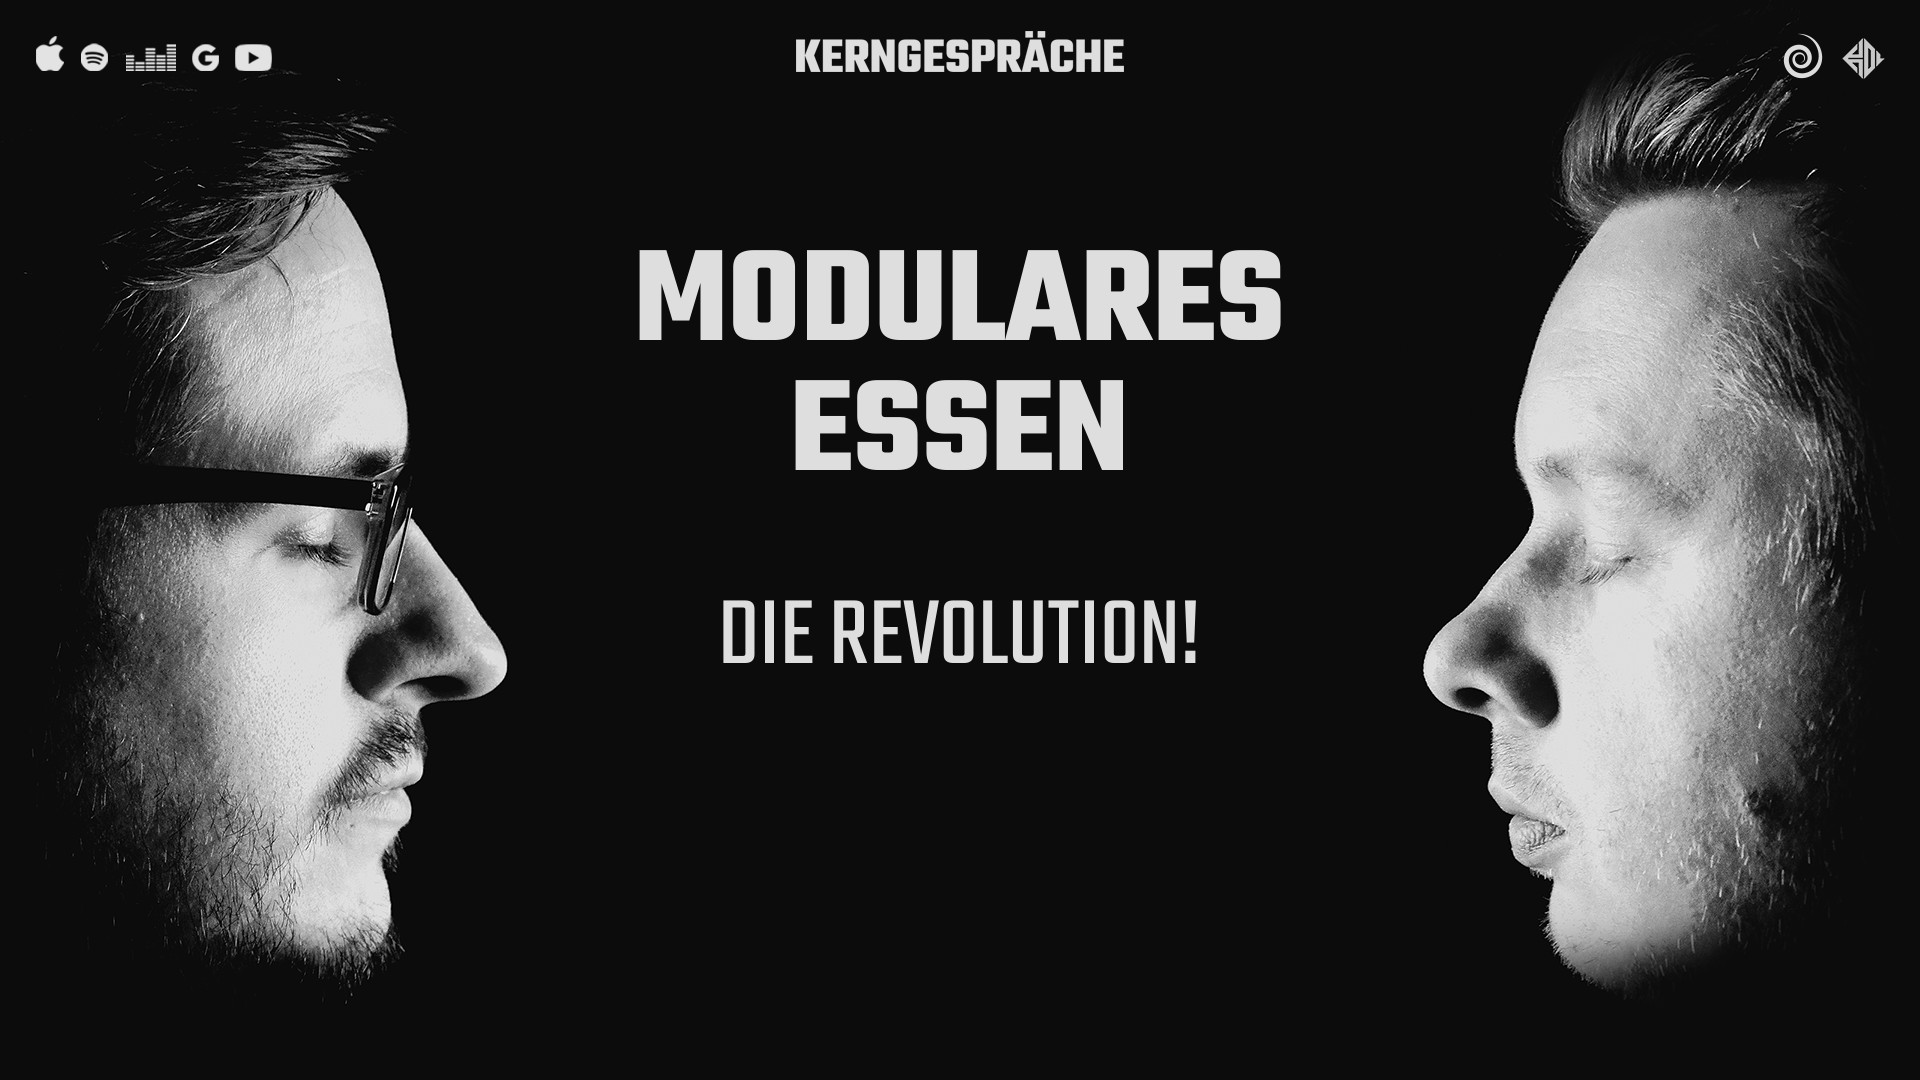 Modulares Essen: Die Revolution!